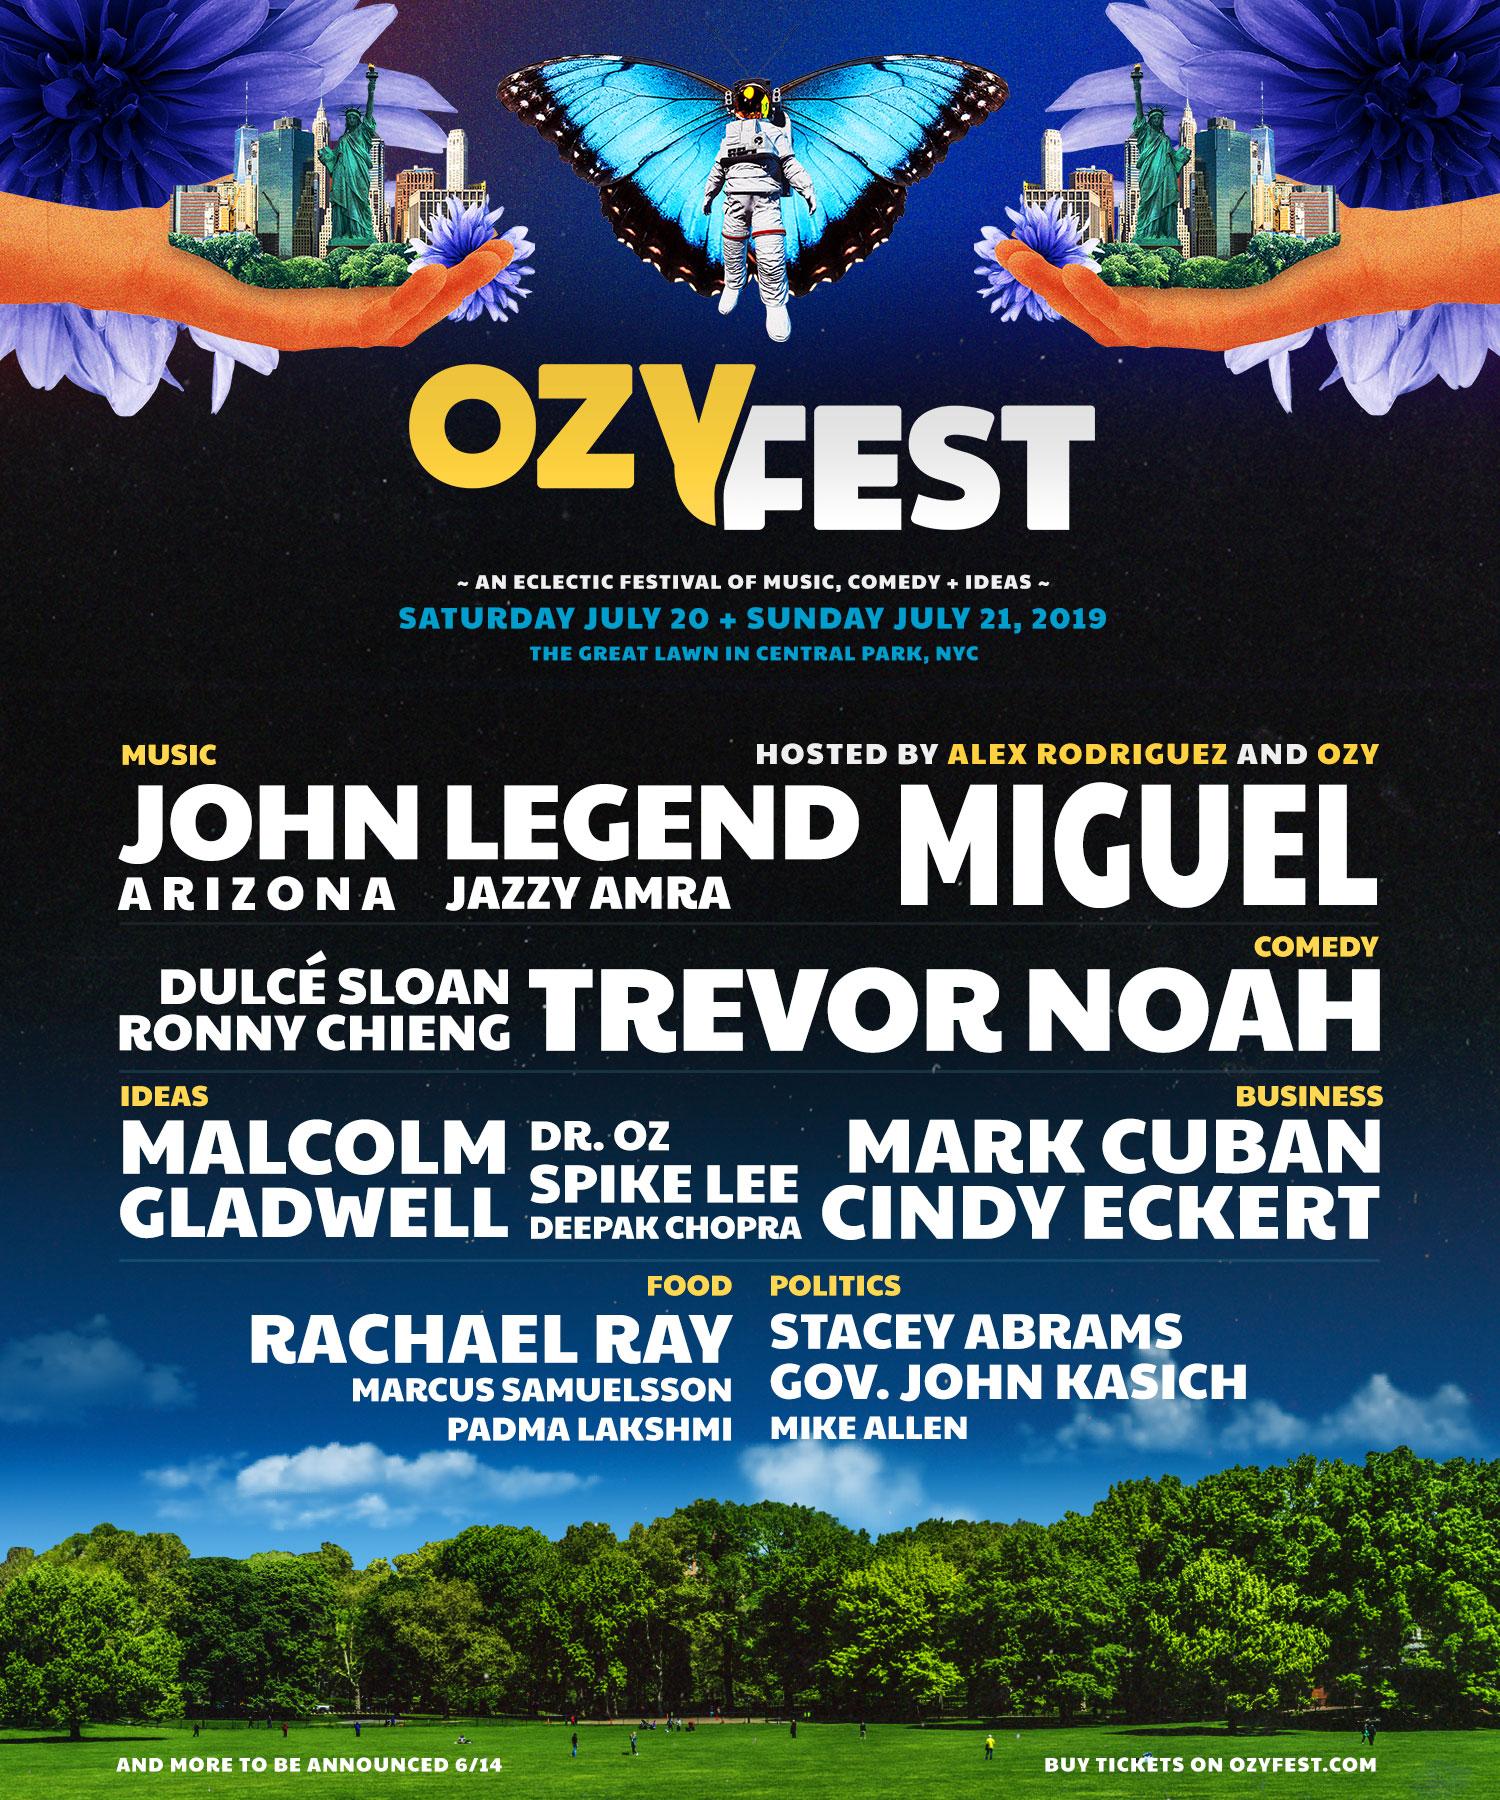 ozy fest 2019